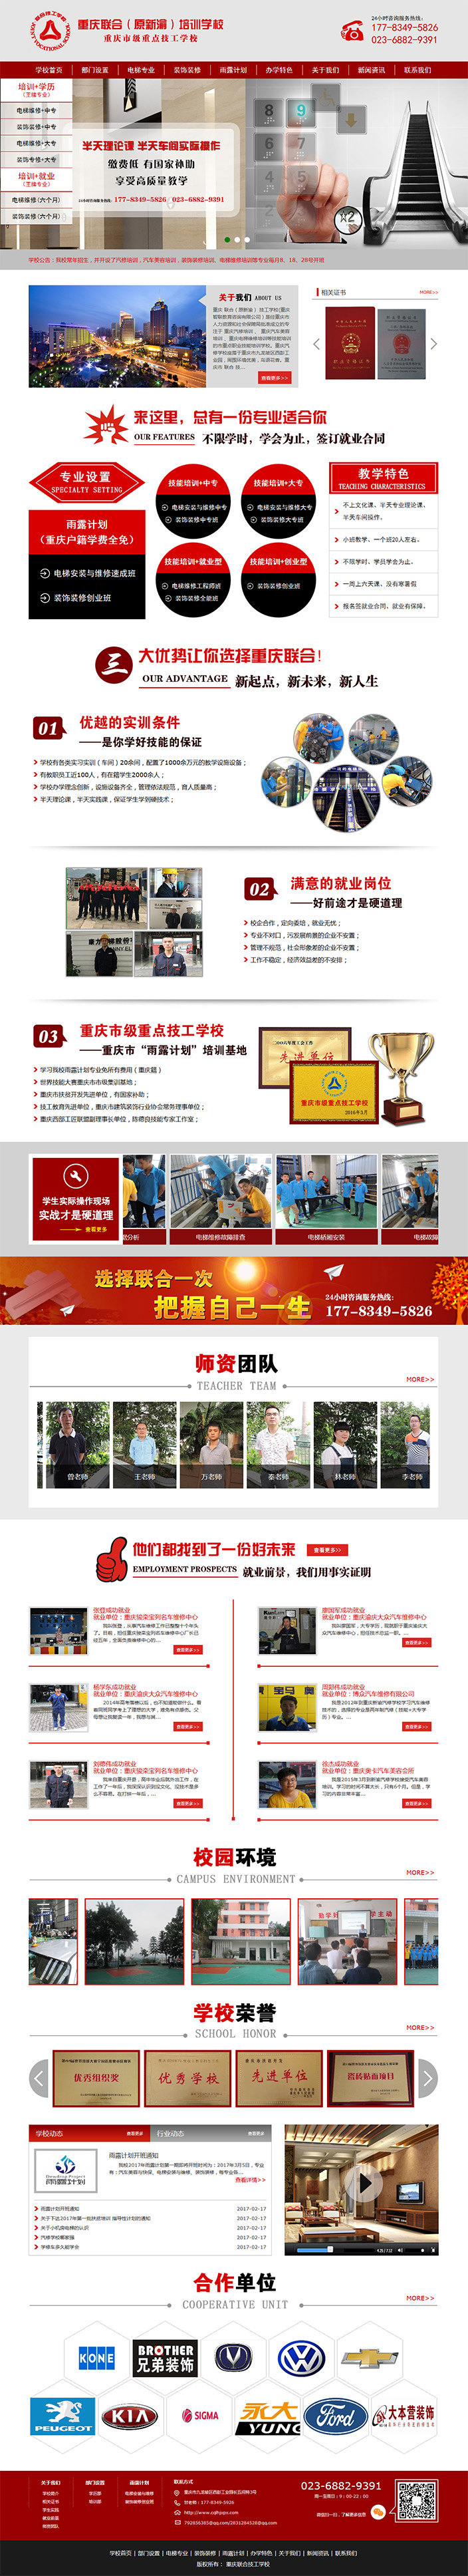 重庆联合技工学校培训站